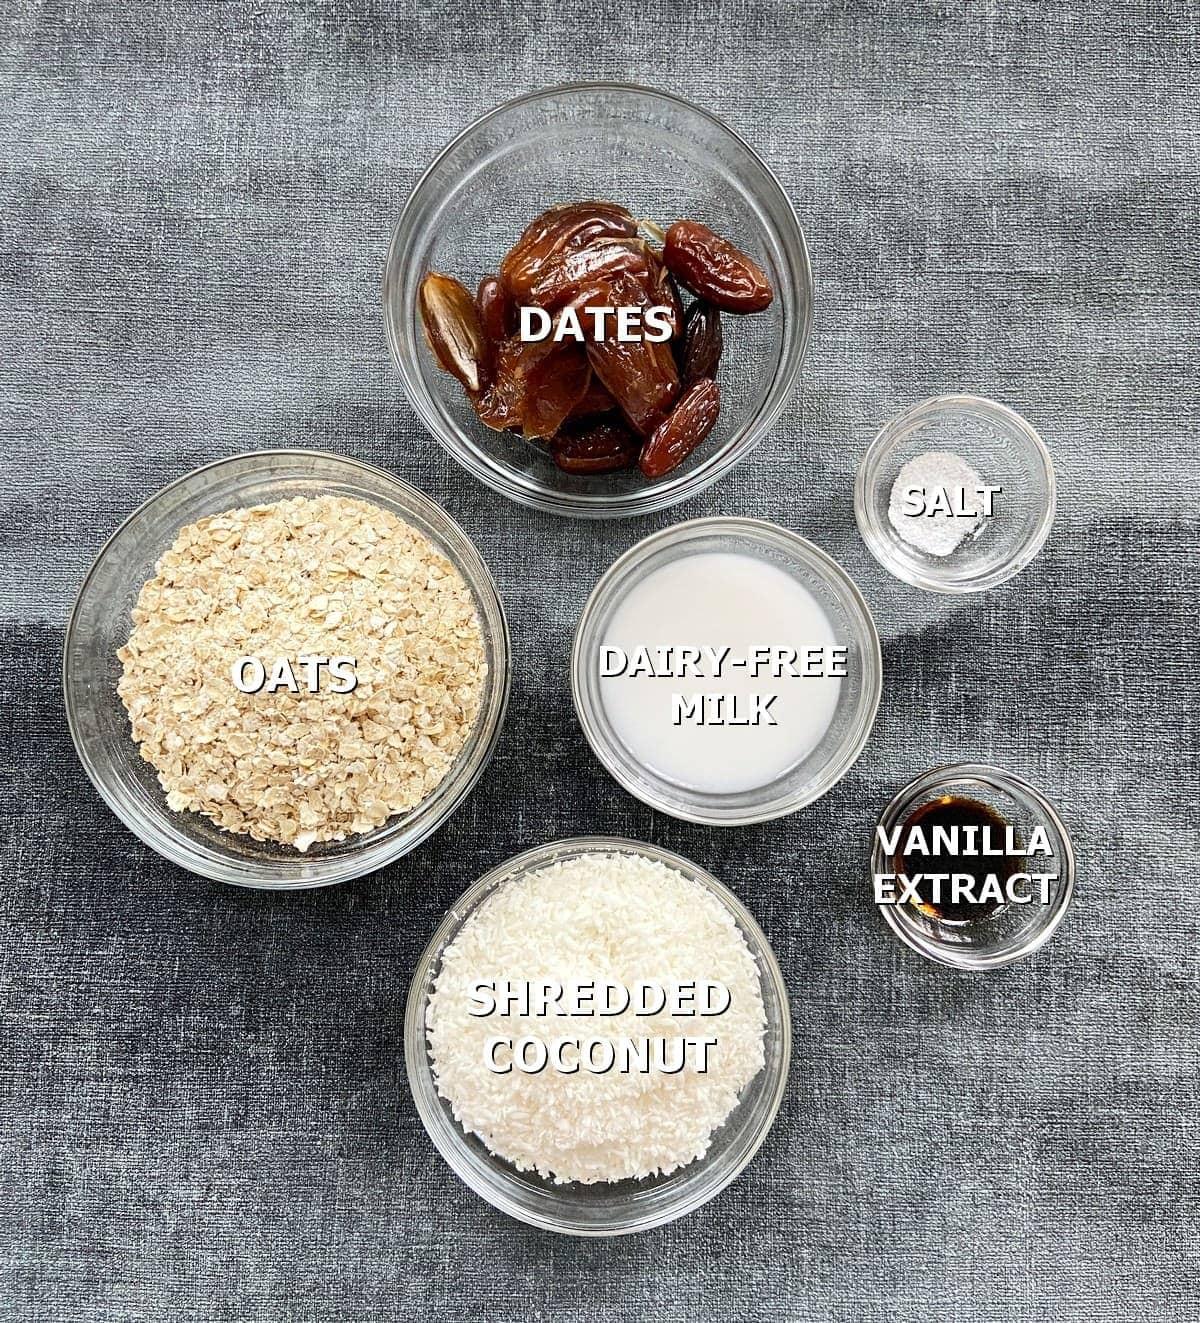 ingredients for gluten-free crust